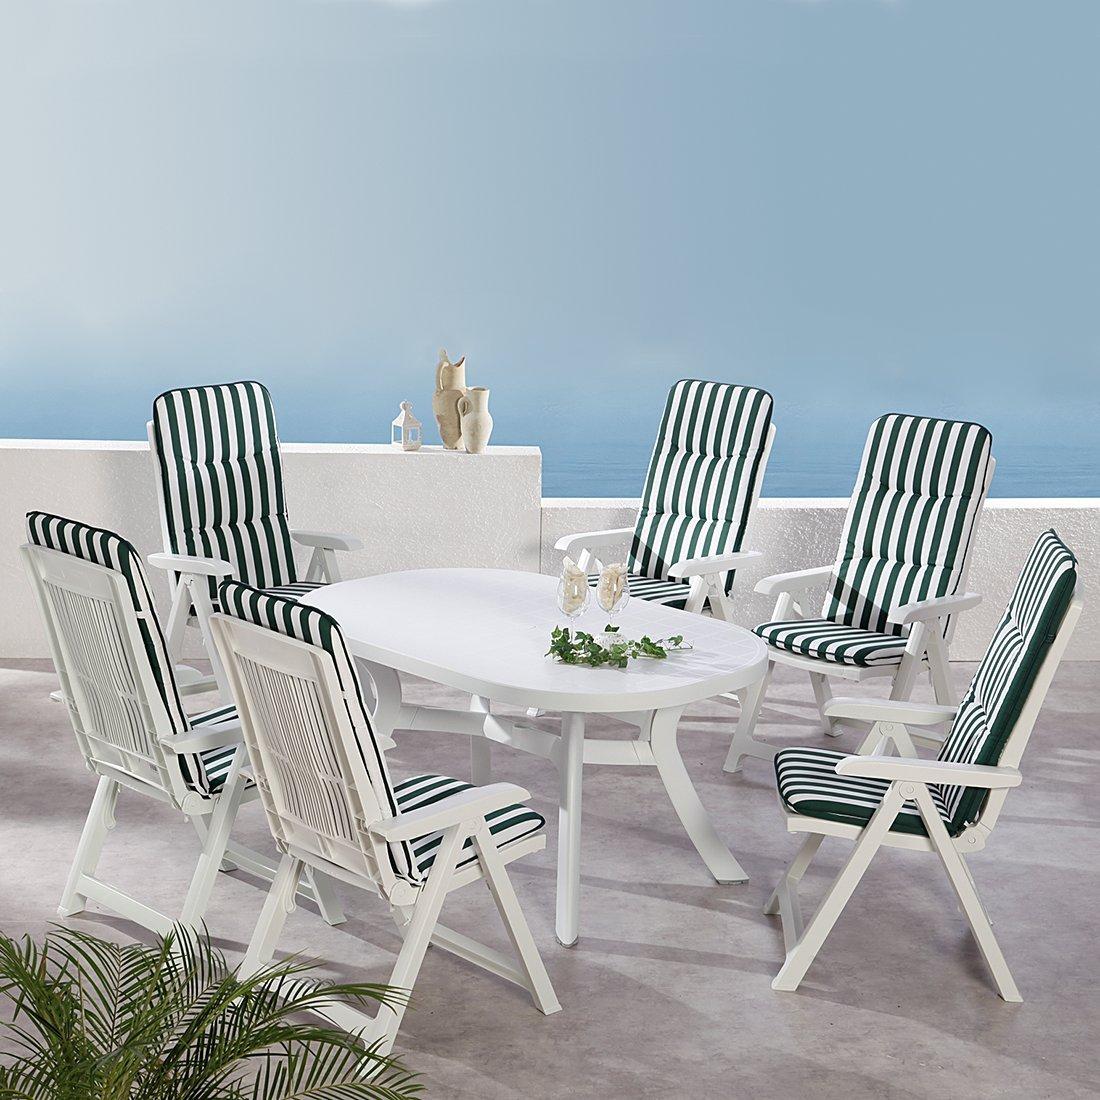 BEST 96236903 13-teilig Komplett Set Santiago, Gartenmöbel, D.0269, weiß günstig online kaufen